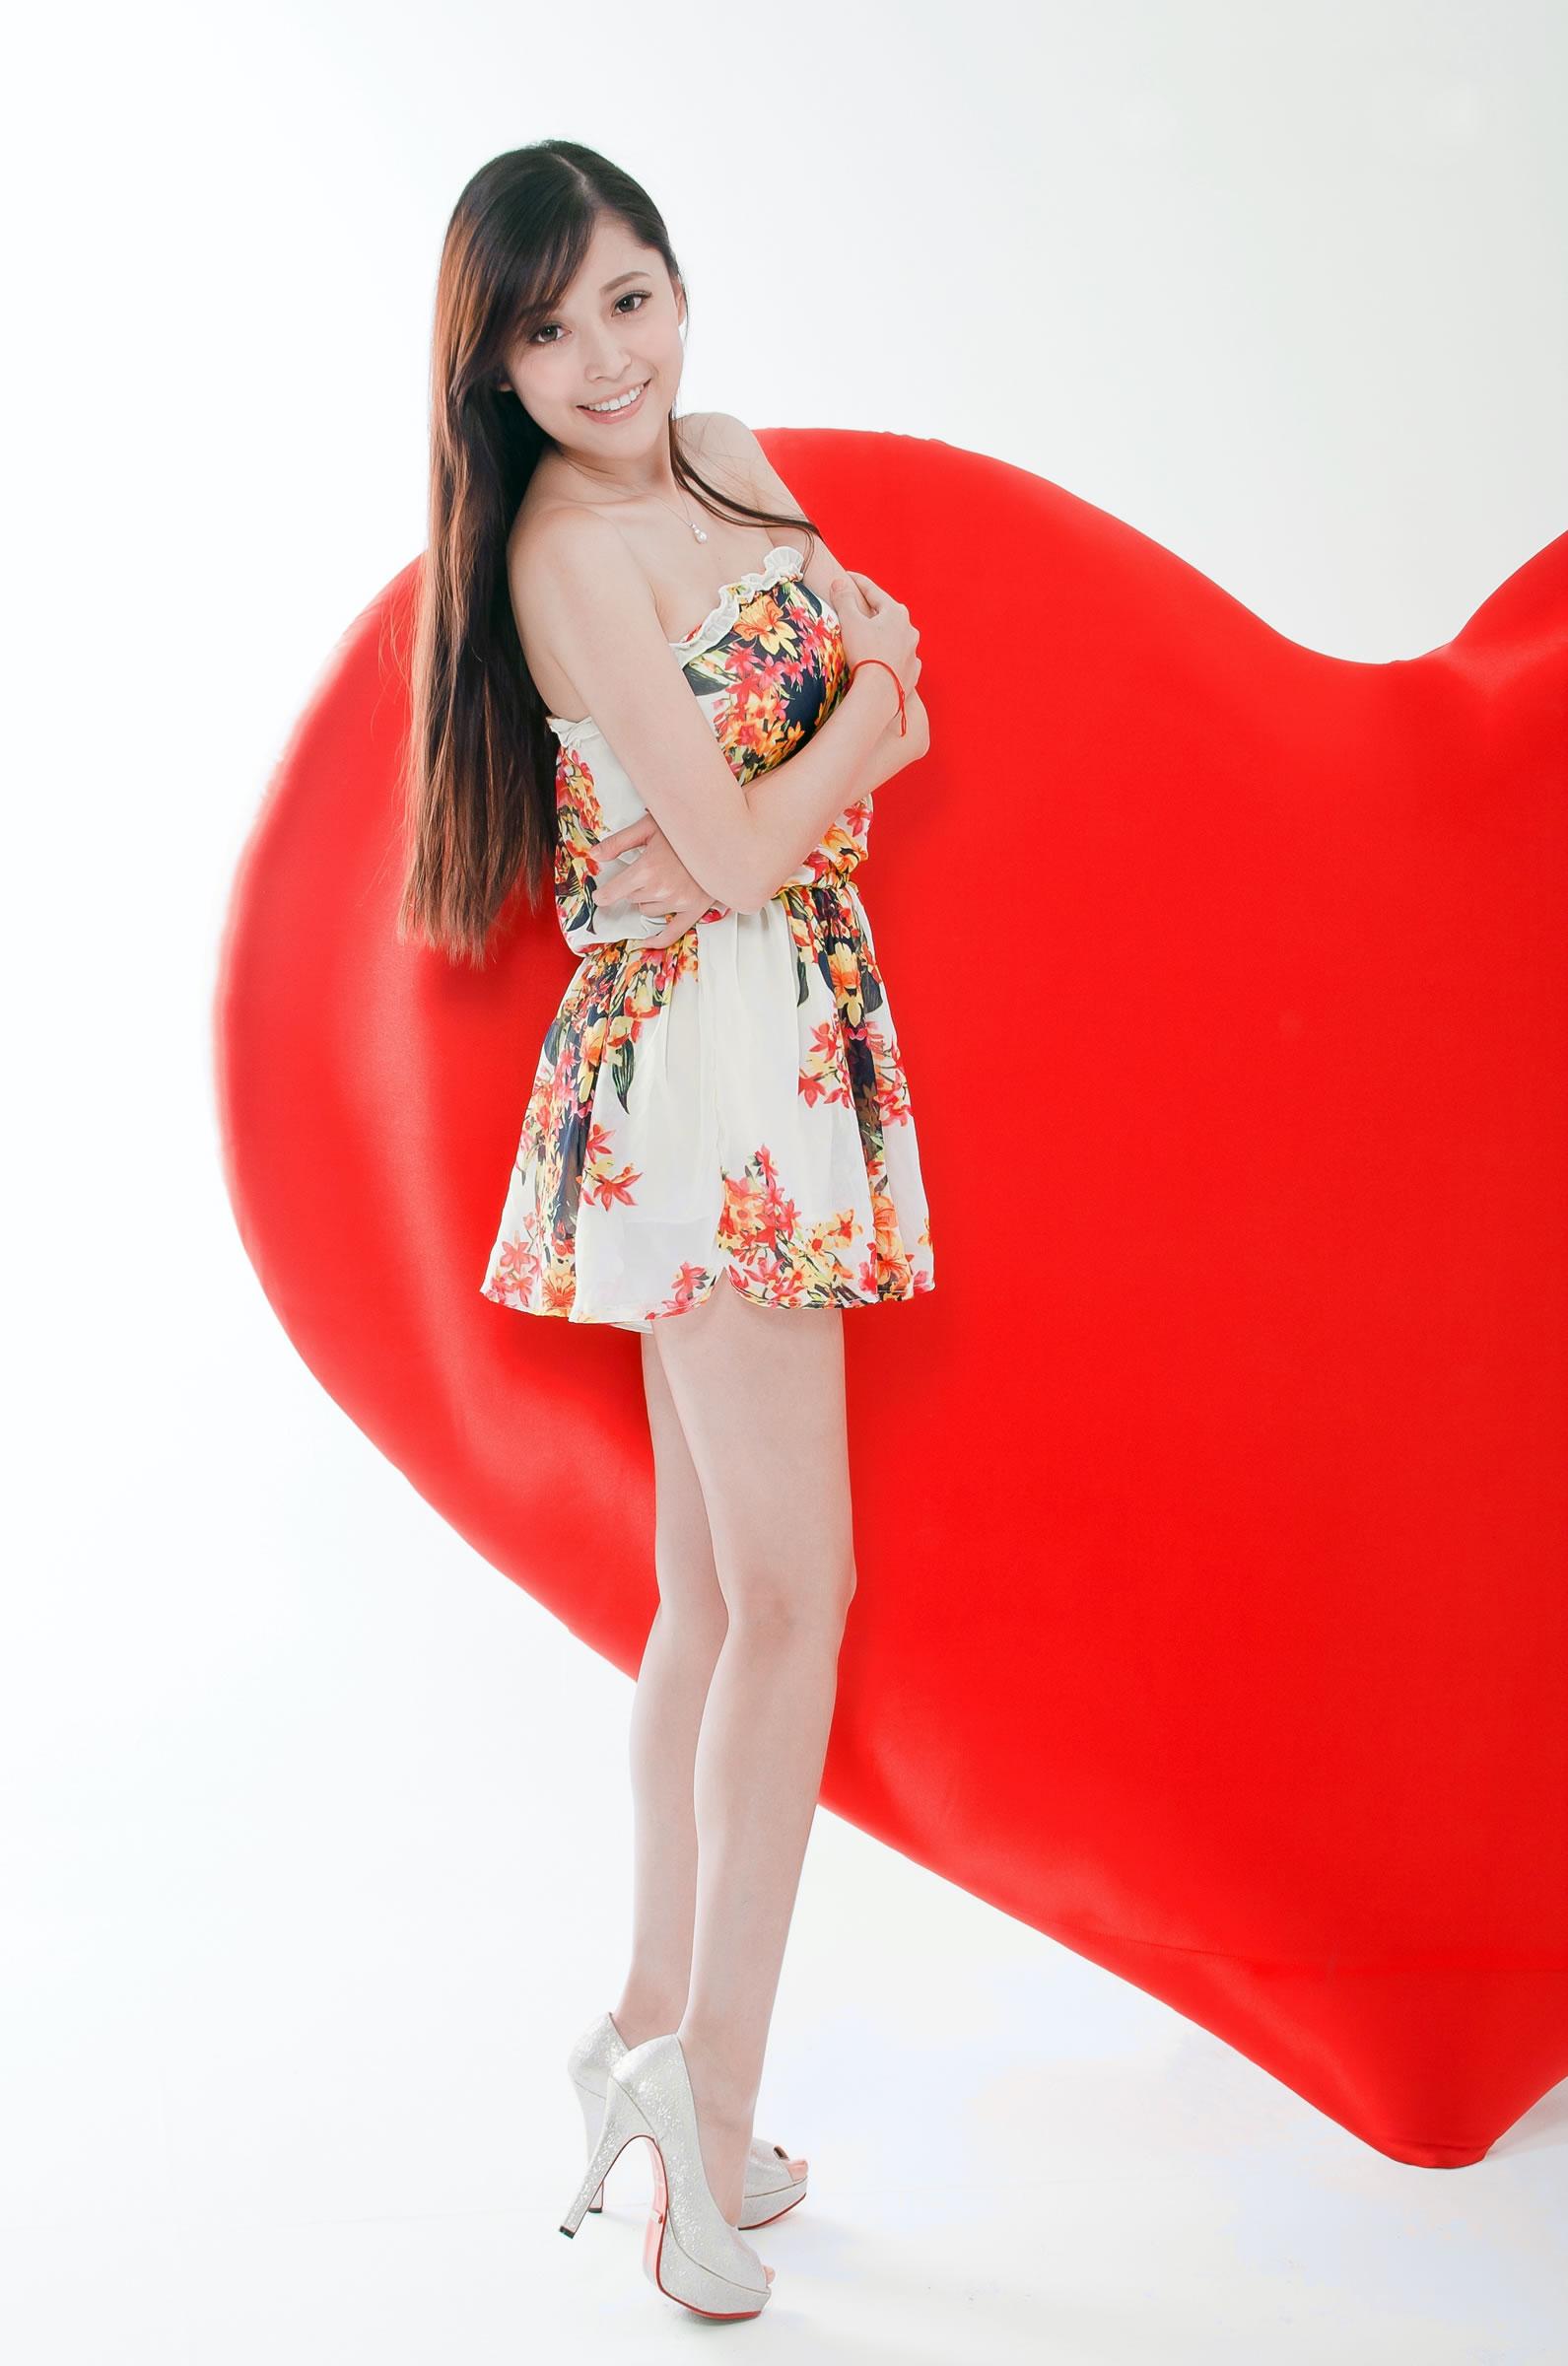 小色哥美女av电影_女神模特-恬小鱼系列之二[15P]/直播妹妹博客